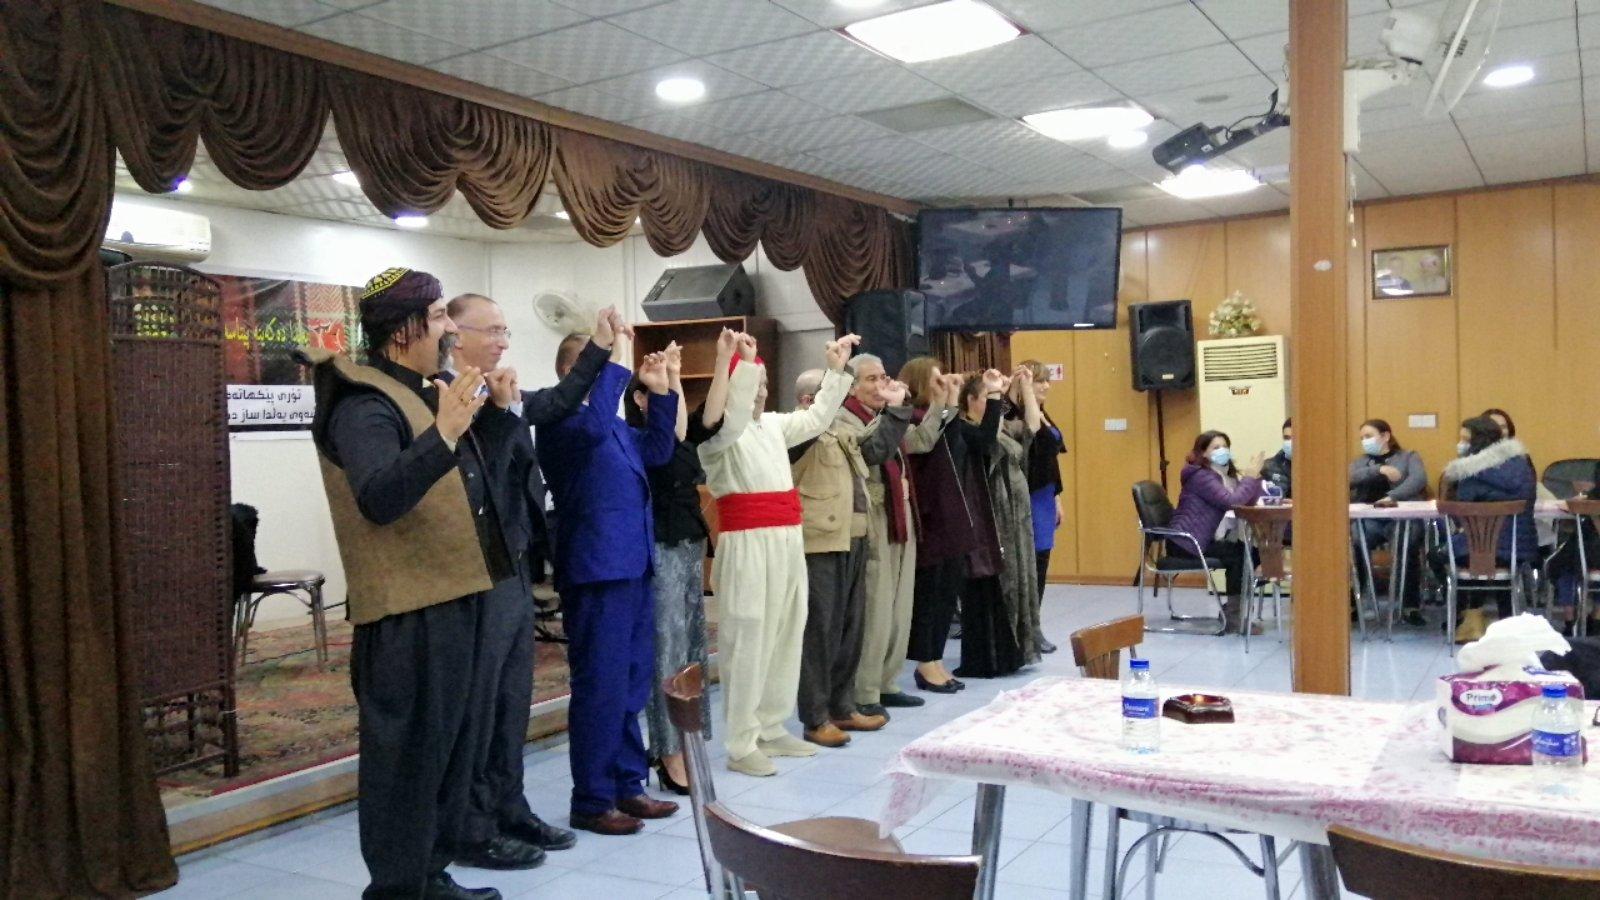 شةوي يةلَدا ..ليلة مشتركة للمكونات أحيتها شبكة مكونات كوردستان في مقر الصابئة المندائين